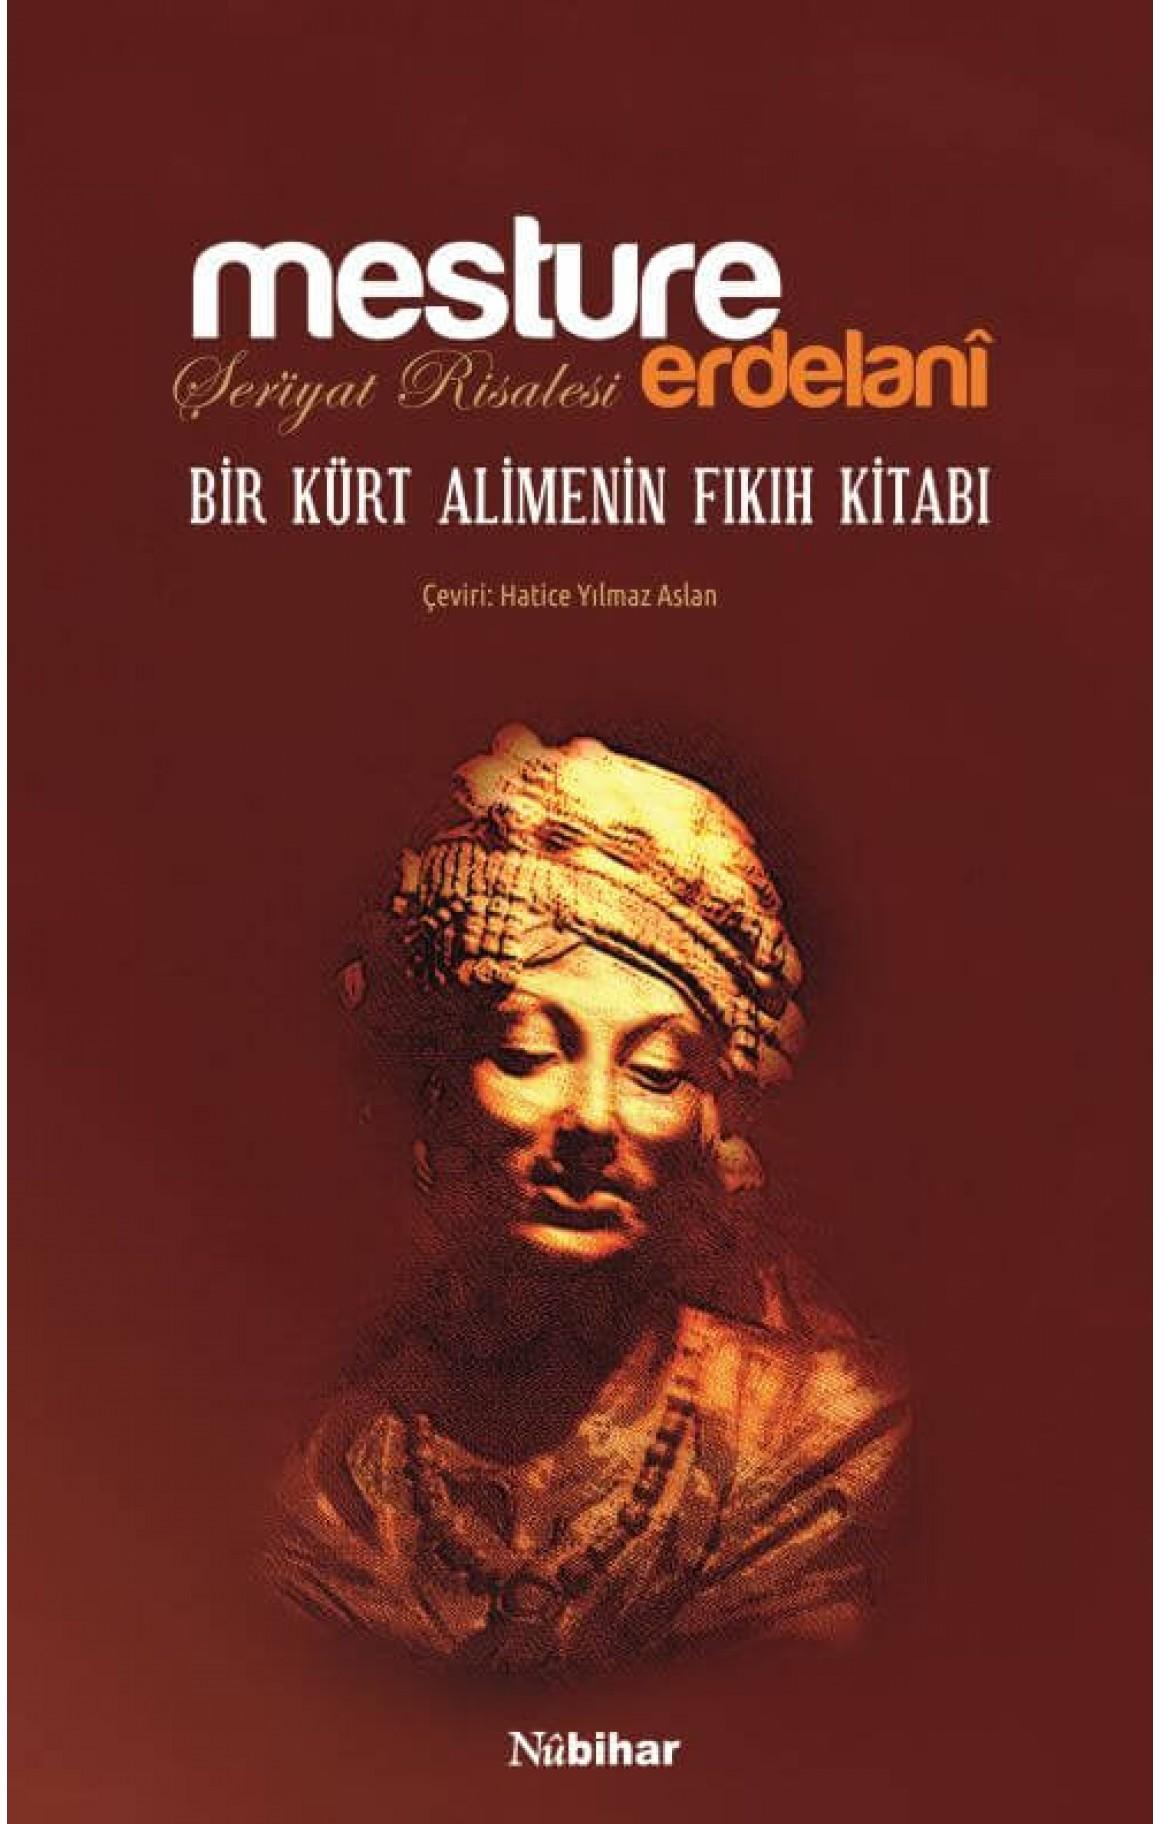 Mesture Erdelani - Bir Kürt Alimenin Fıkıh Kitabı